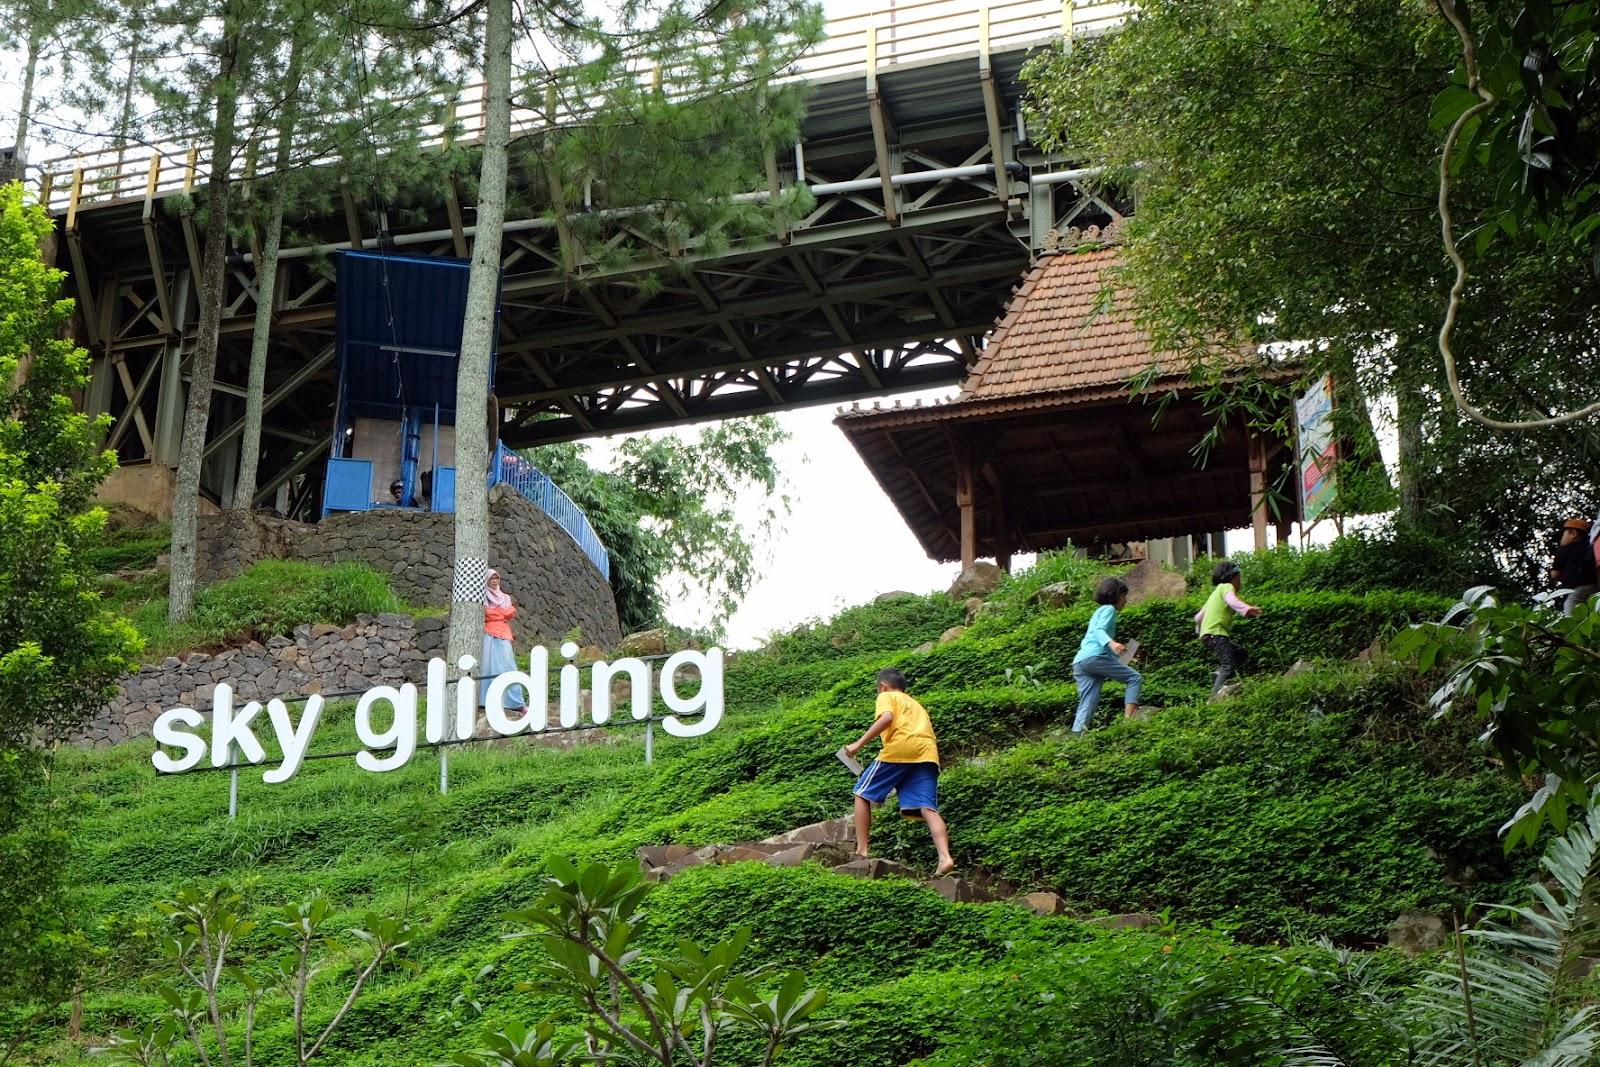 Hasil gambar untuk sky gliding dago dream park